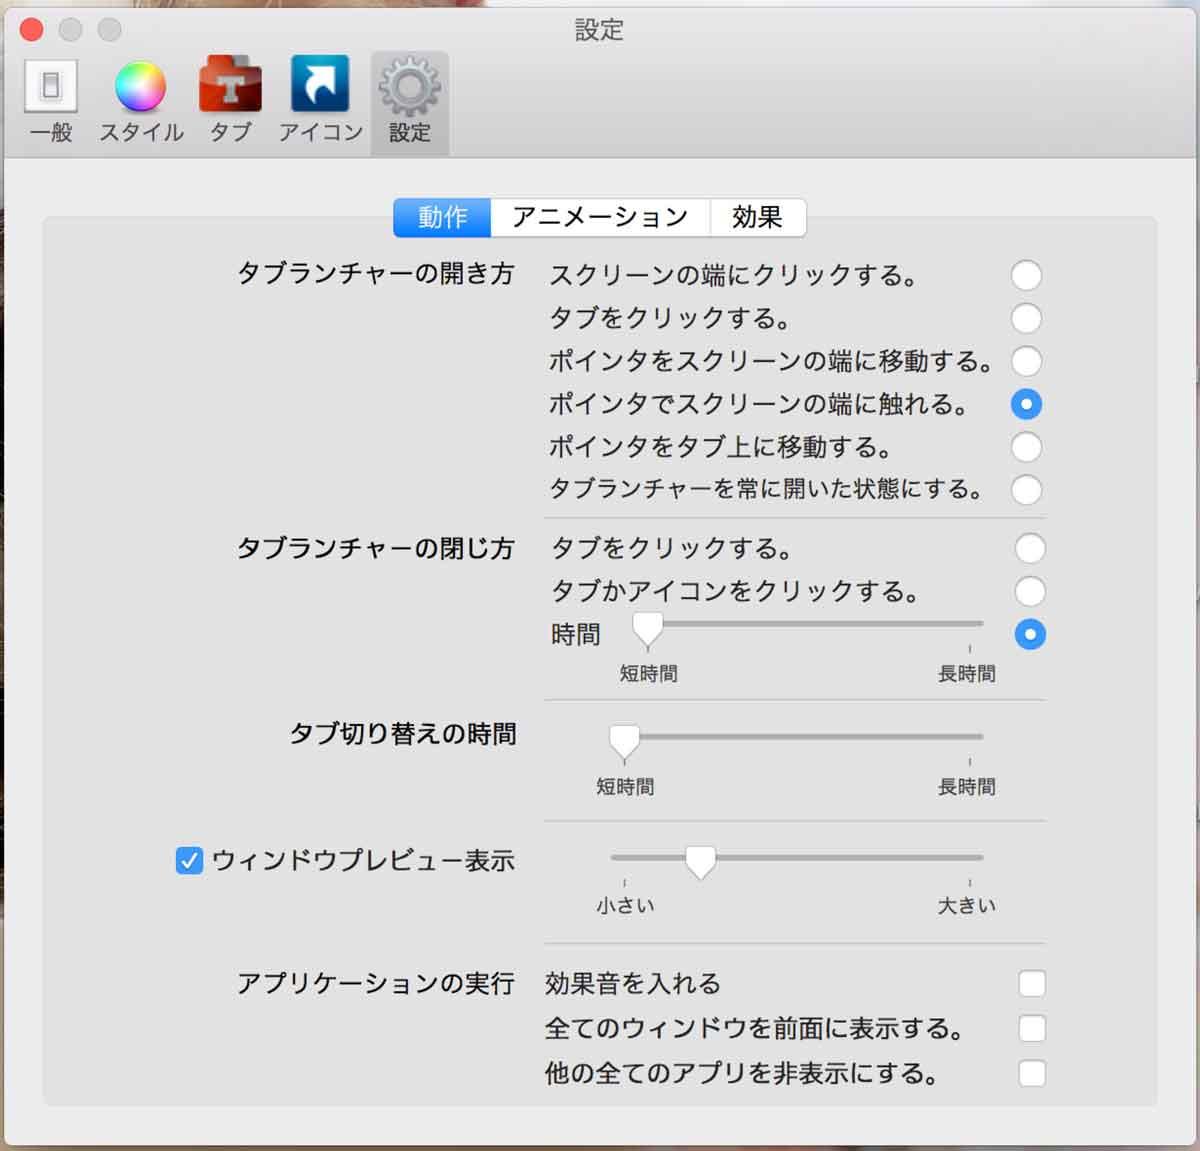 TabLauncherの設定画面。細かい挙動が設定できる